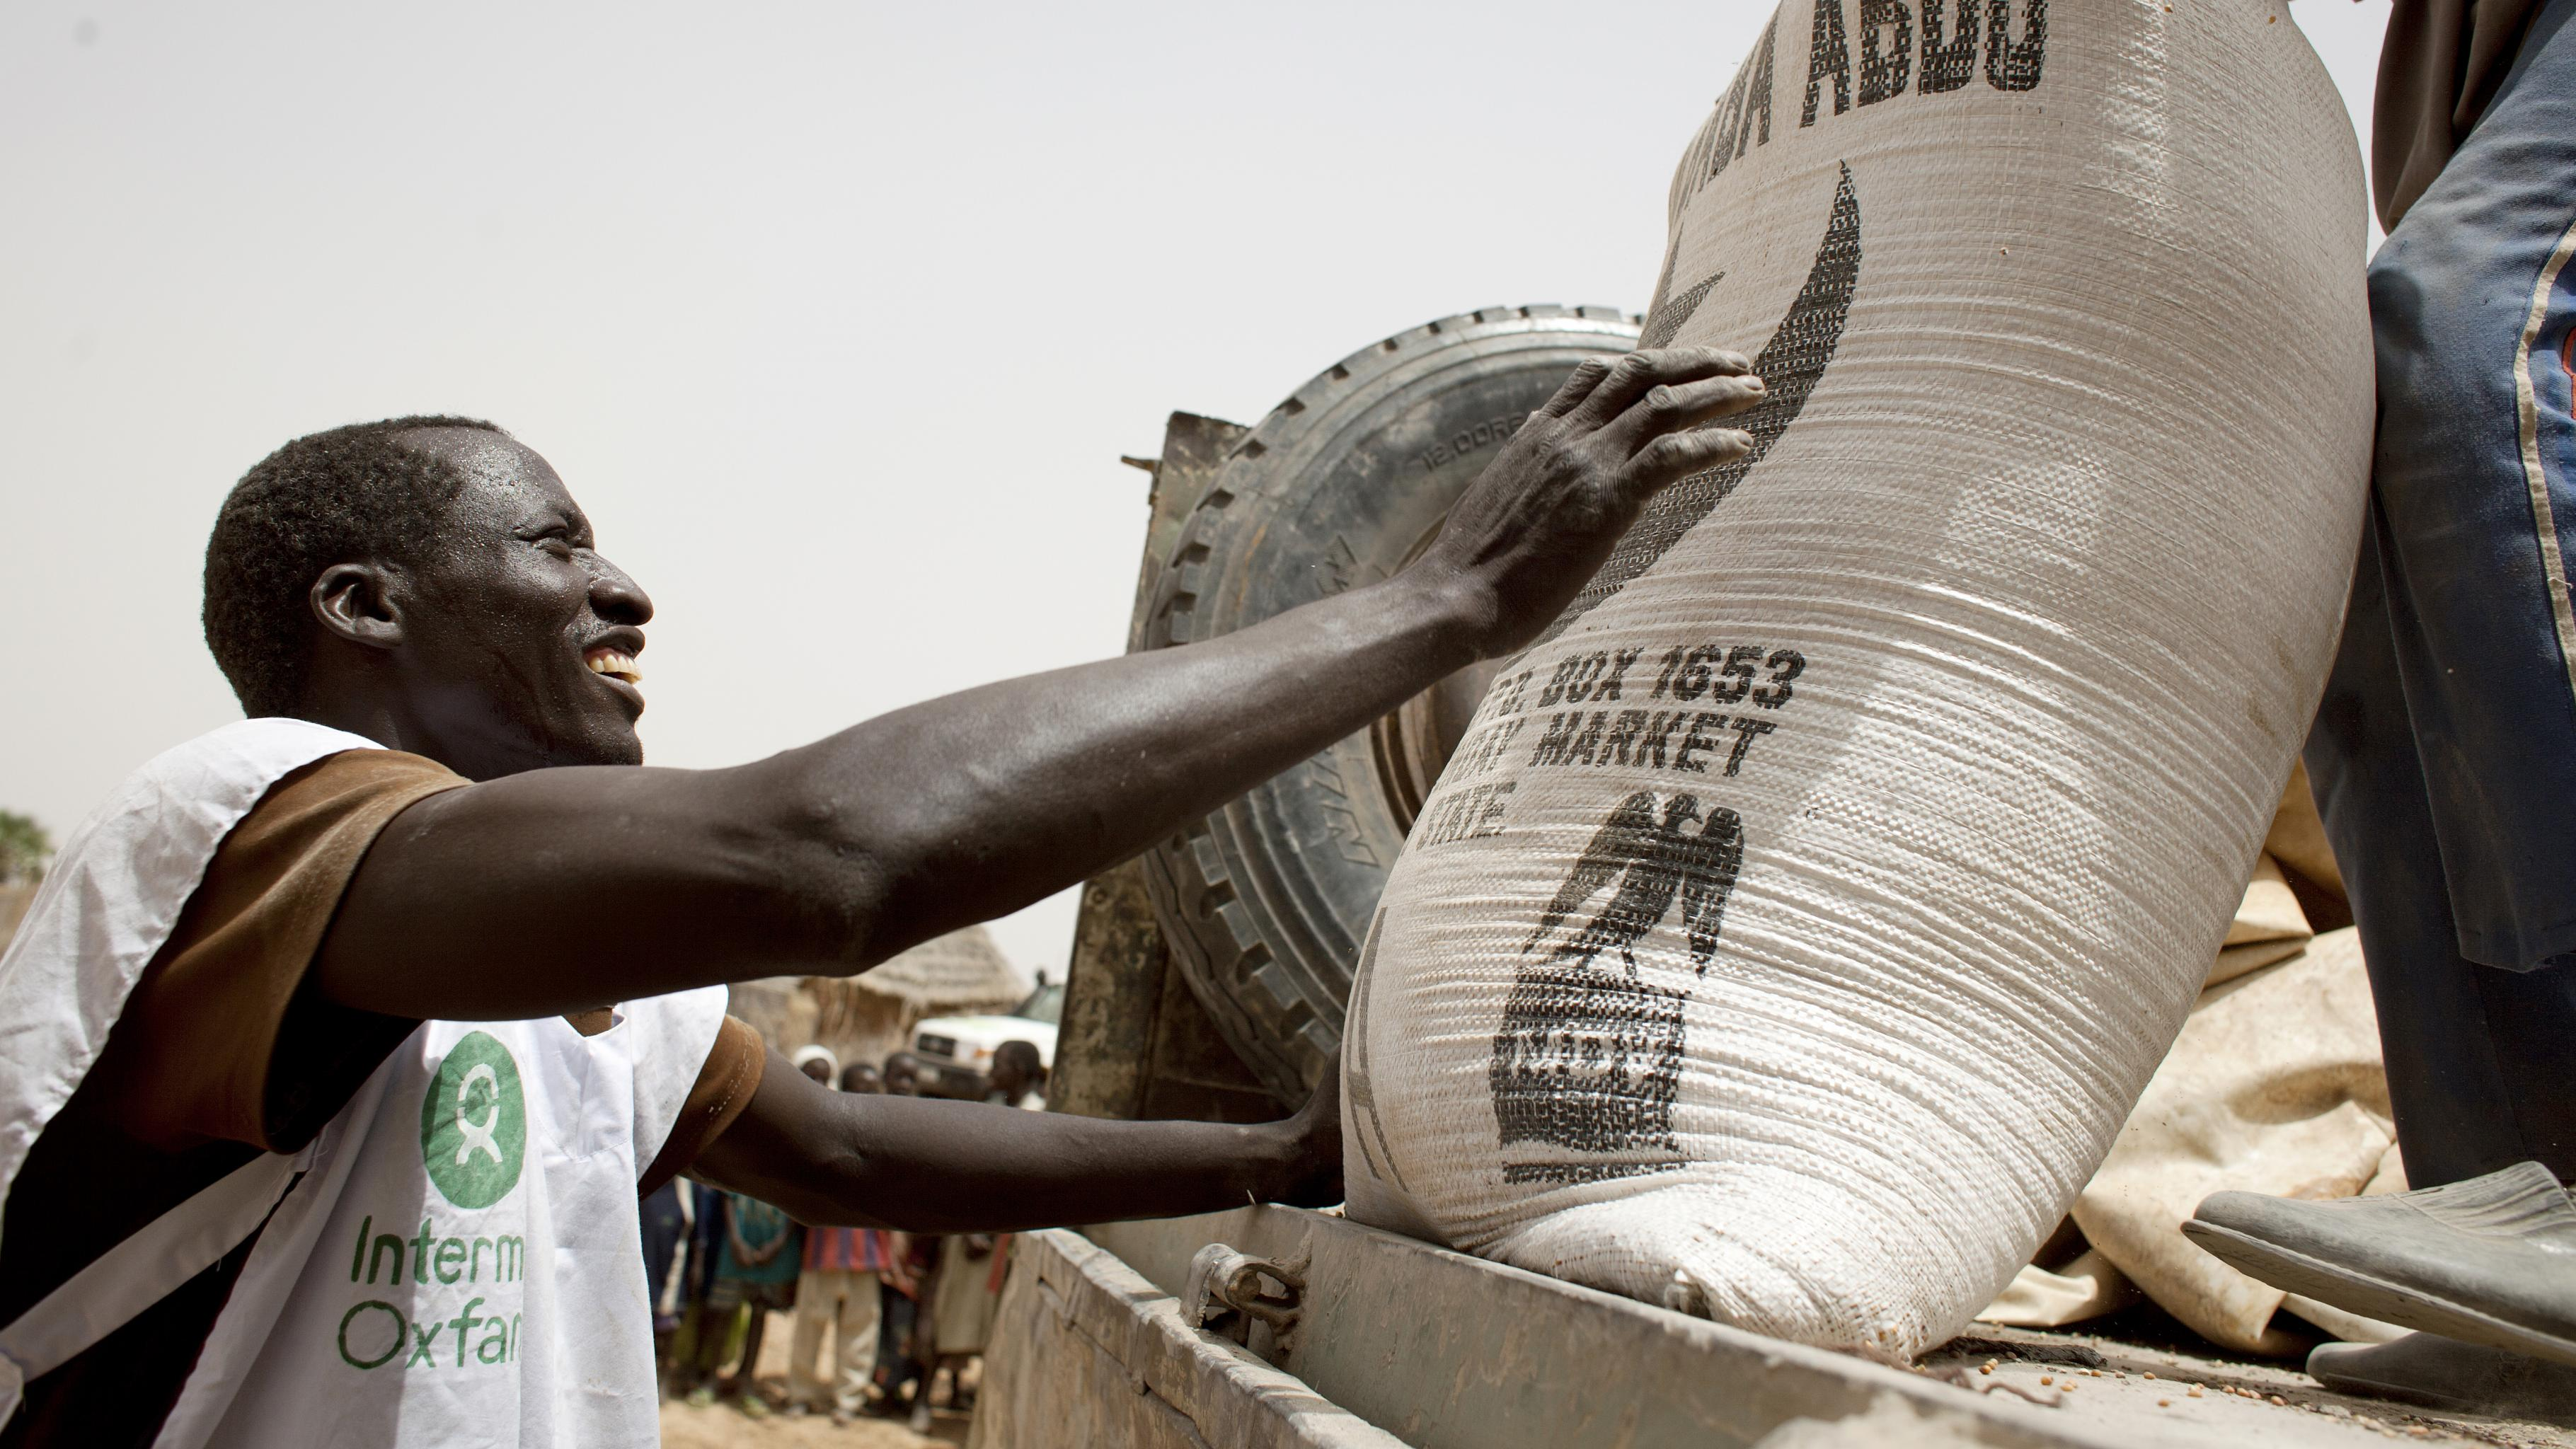 Oxfam versorgt die Menschen mit dem Nötigsten: Mit Nahrungsmitteln, sauberem Trinkwasser, einer angemessenen Sanitärversorgung sowie Basis-Hygieneprodukten und Material zur mittelfristigen Sicherung der Lebensgrundlagen.